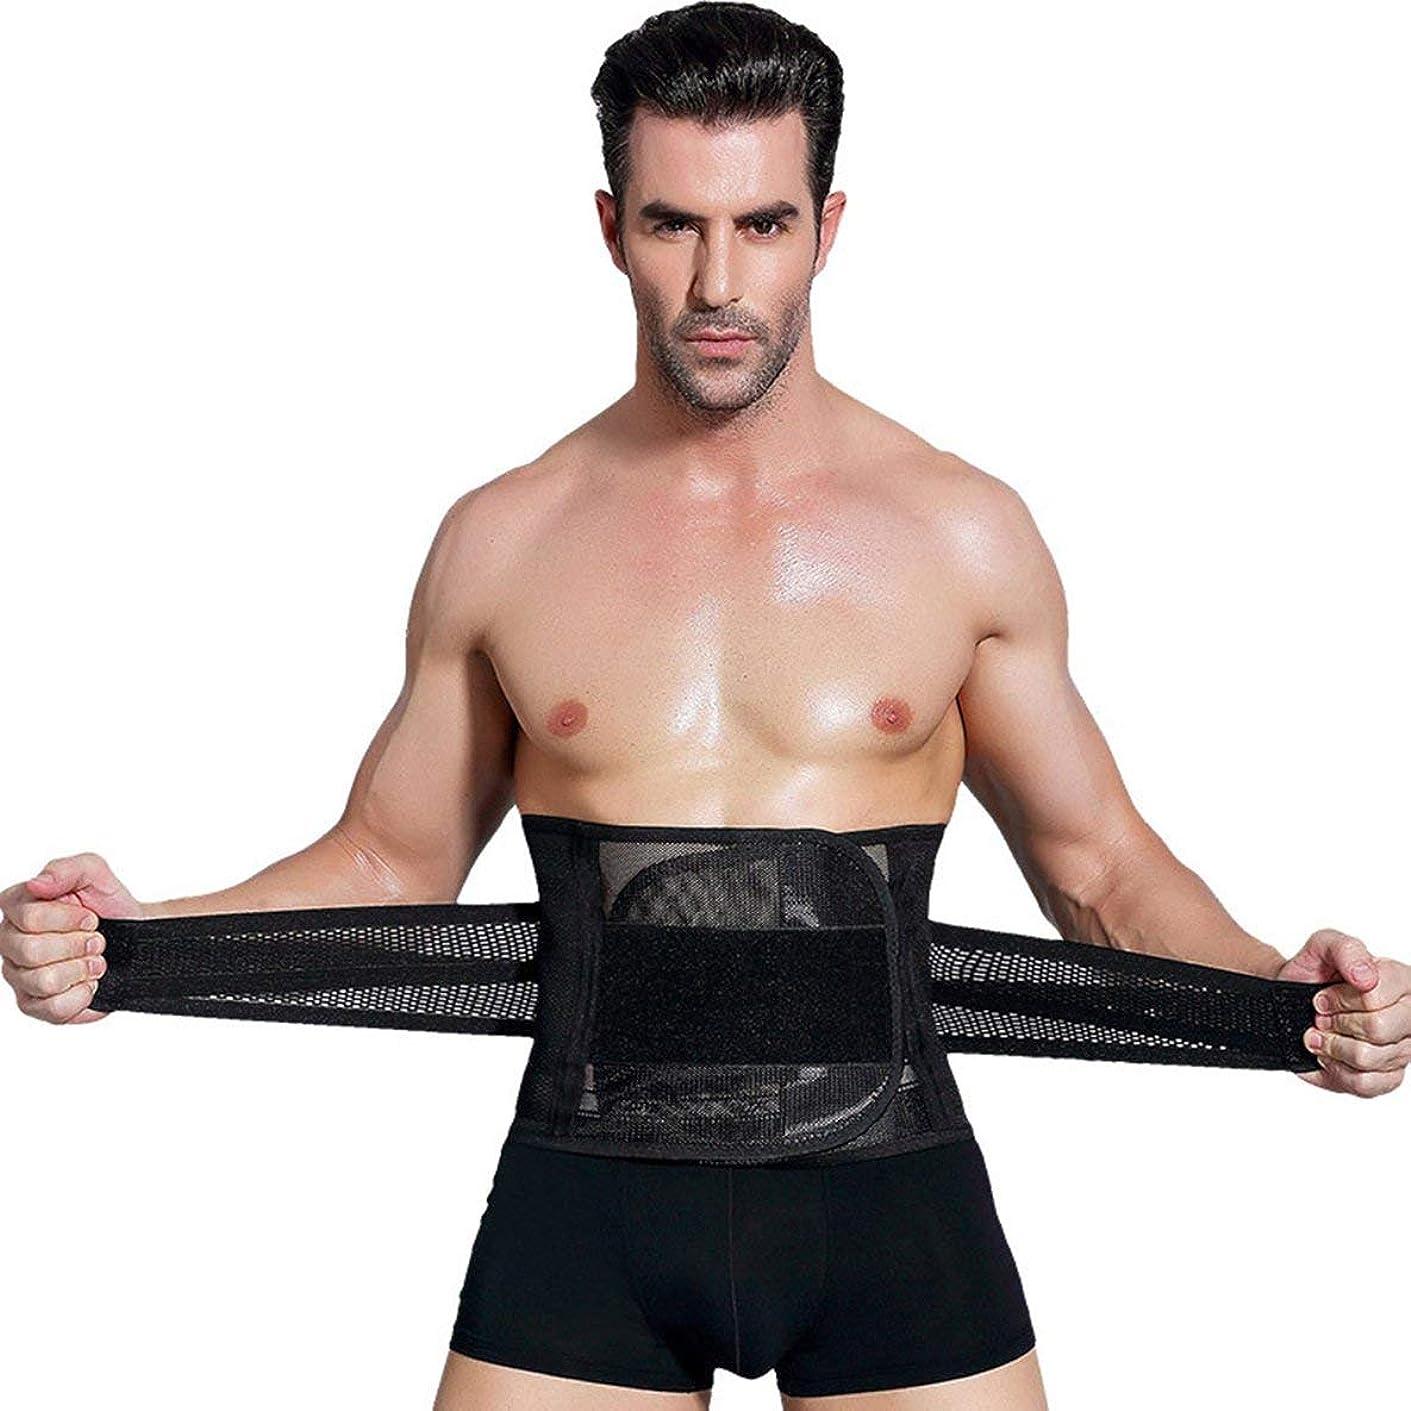 先のことを考える以来進行中Birdlantern男性ボディシェイパーコルセット腹部おなかコントロールウエストトレーナーニッパー脂肪燃焼ガードル痩身腹ベルト用男性